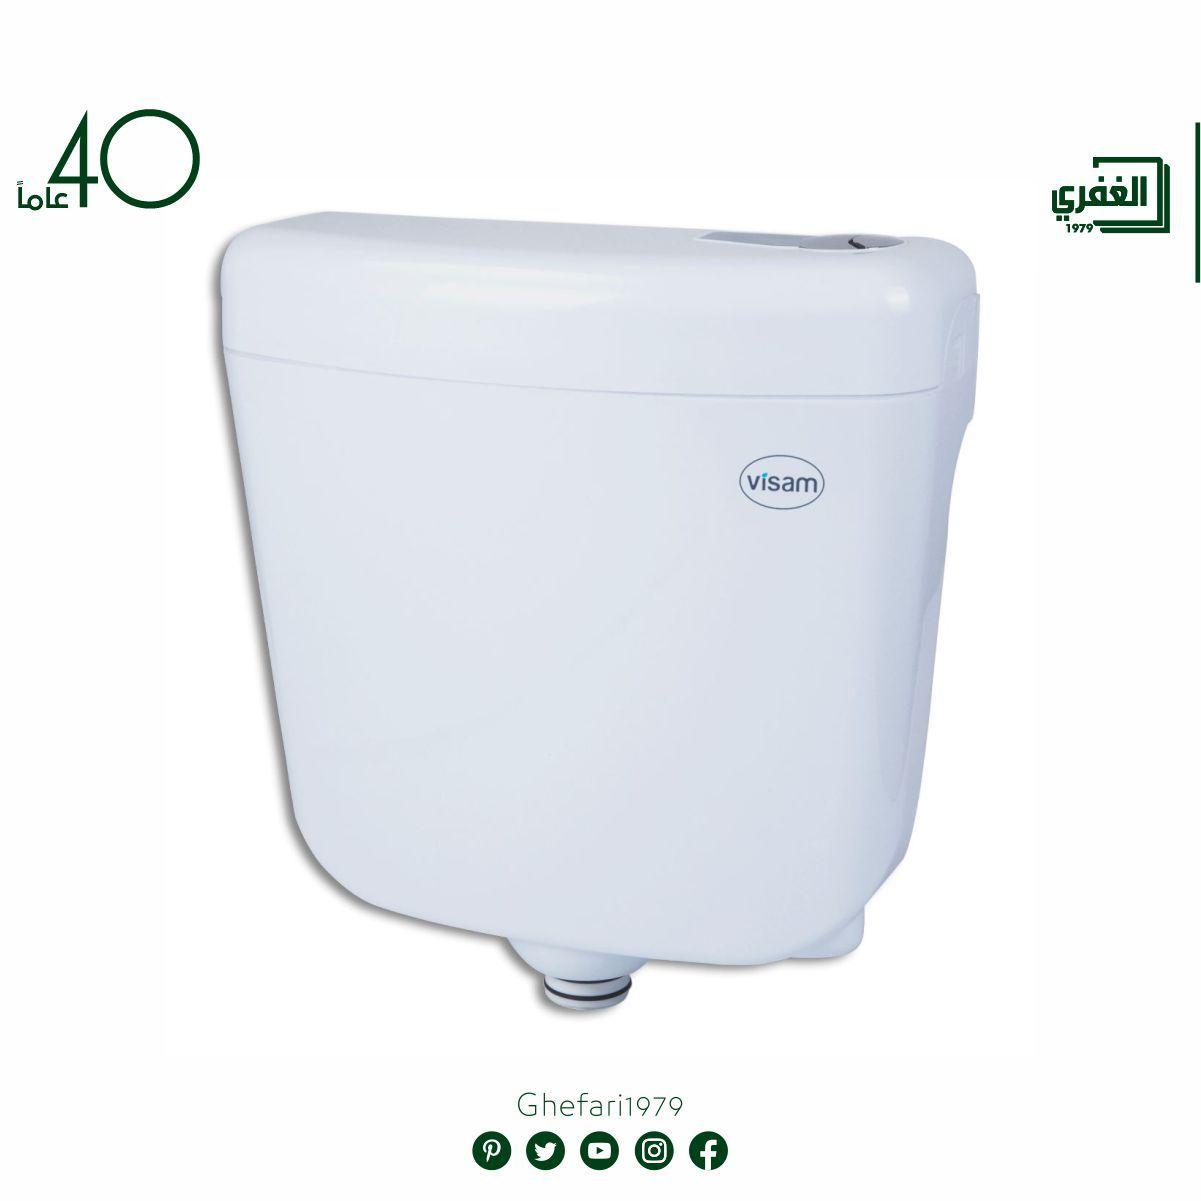 نيجارة بلاستك تركي Visam سعة خزان المياه 9 لتر كحد أقصى تدفق ميكانيكي مزدوج يمكنك توفير المياه حتى 60 مدخل المياه م Instagram Posts Cistern Instagram